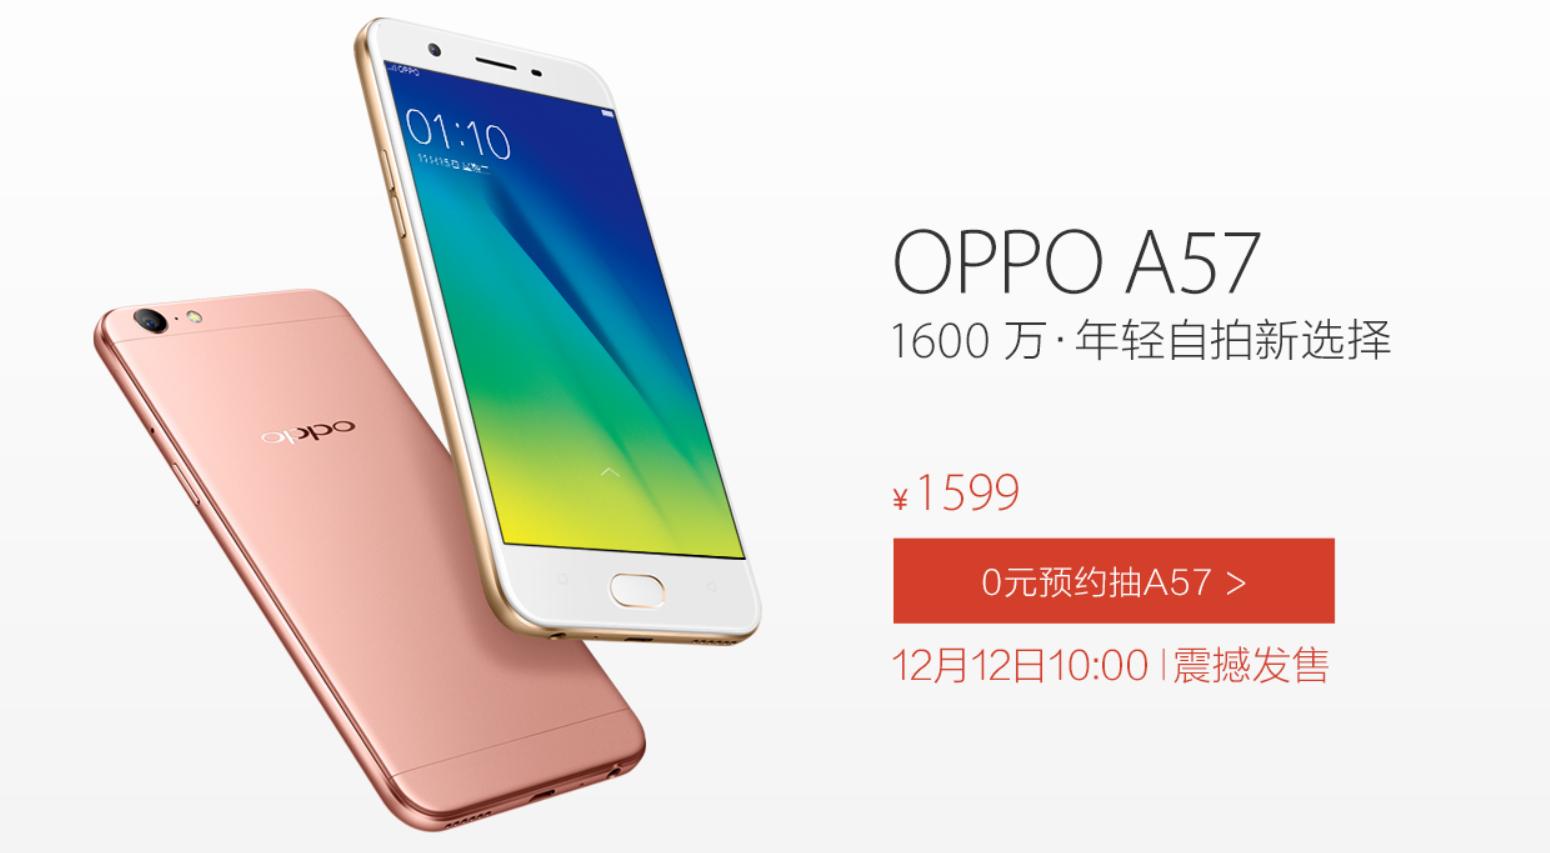 گوشی هوشمند Oppo A57 به صورت رسمی معرفی شد